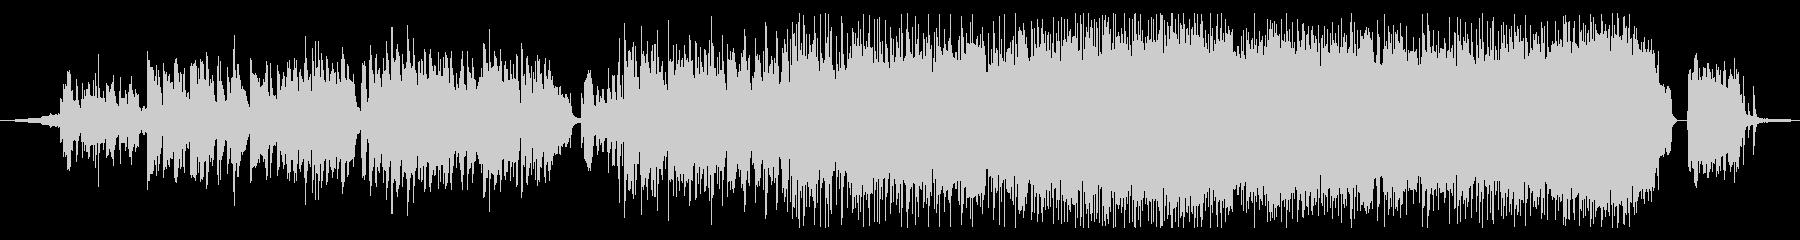 女性ボーカルの定番的ロックバラードの未再生の波形